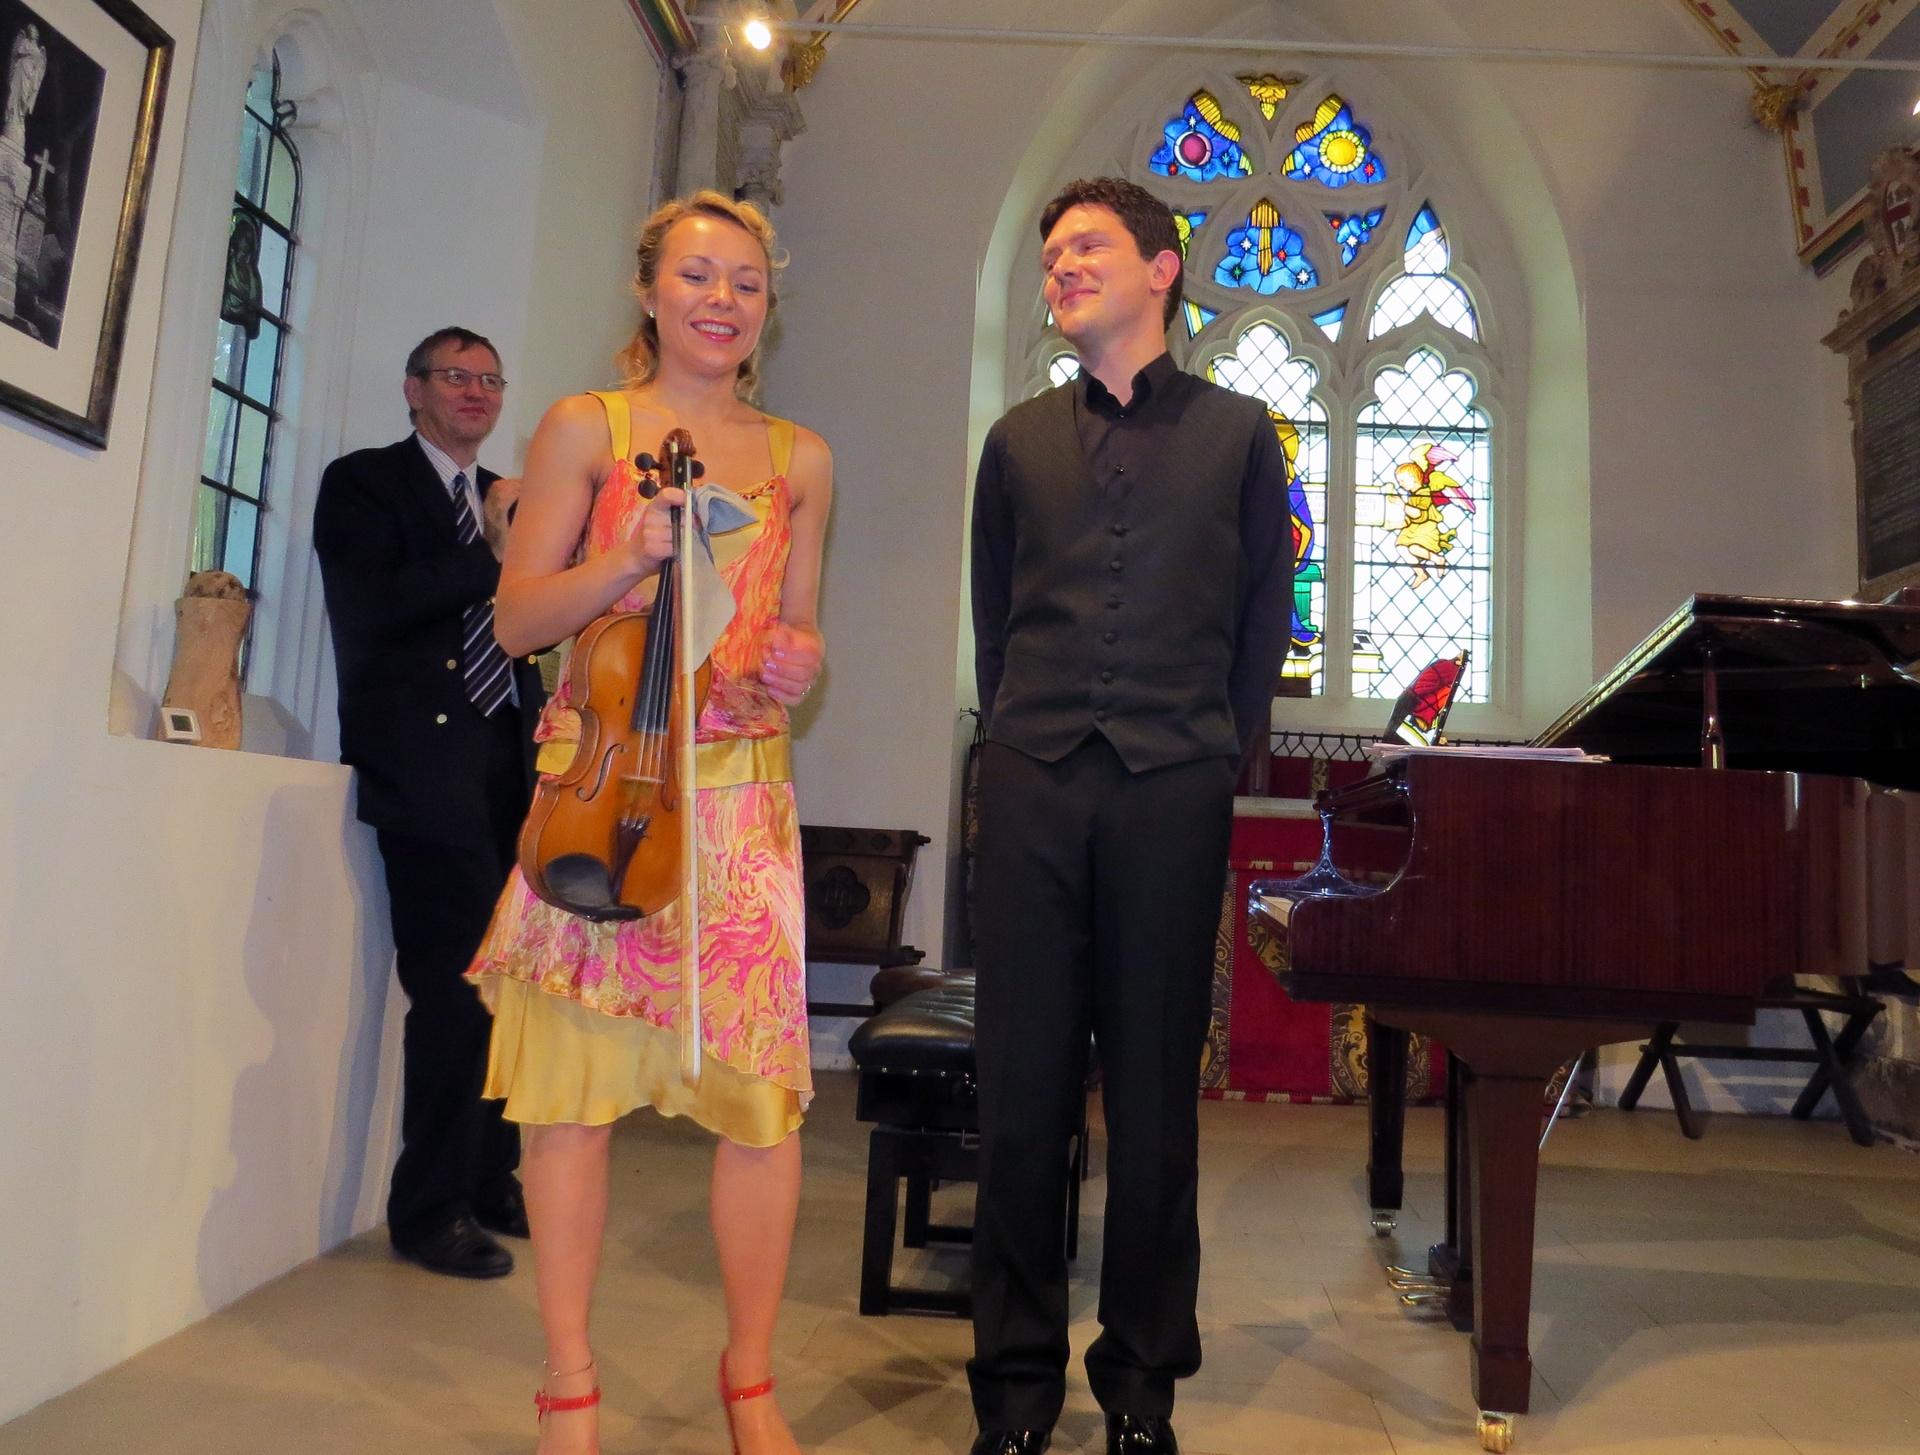 Recital at St Mary's Perivale